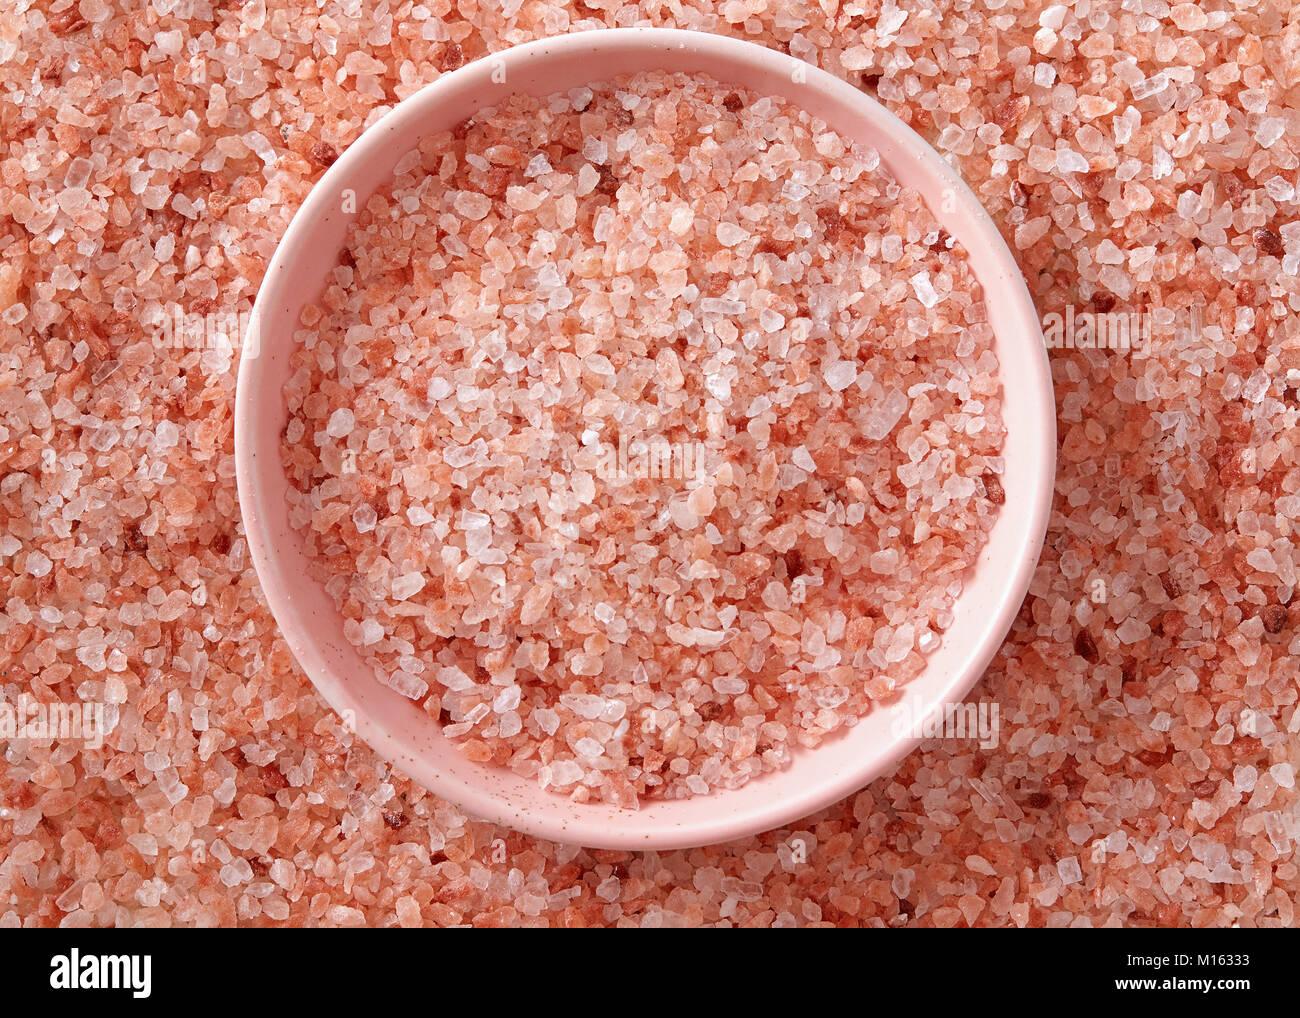 Rosa Himalaya Salz in der kleinen rosa Schüssel. Eine kleine rosa Schüssel voll der Salzkristalle. Stockbild